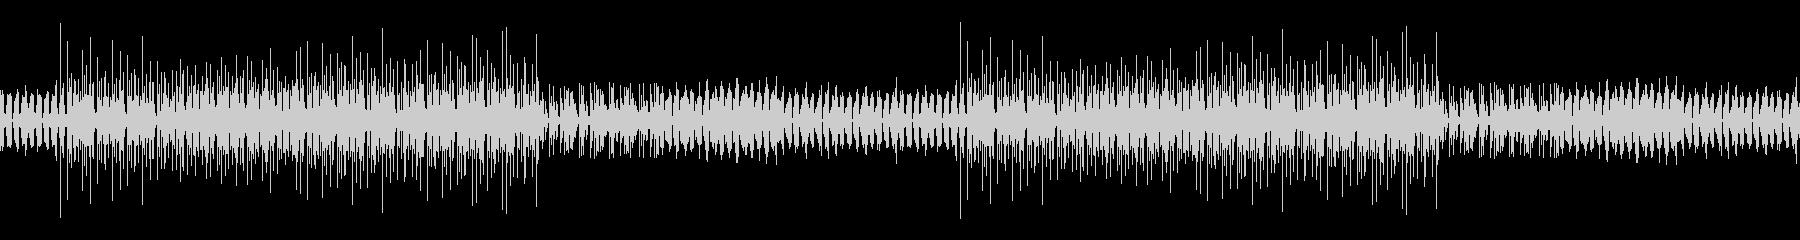 謎めいた雰囲気のレゲエBGM※ループ仕様の未再生の波形